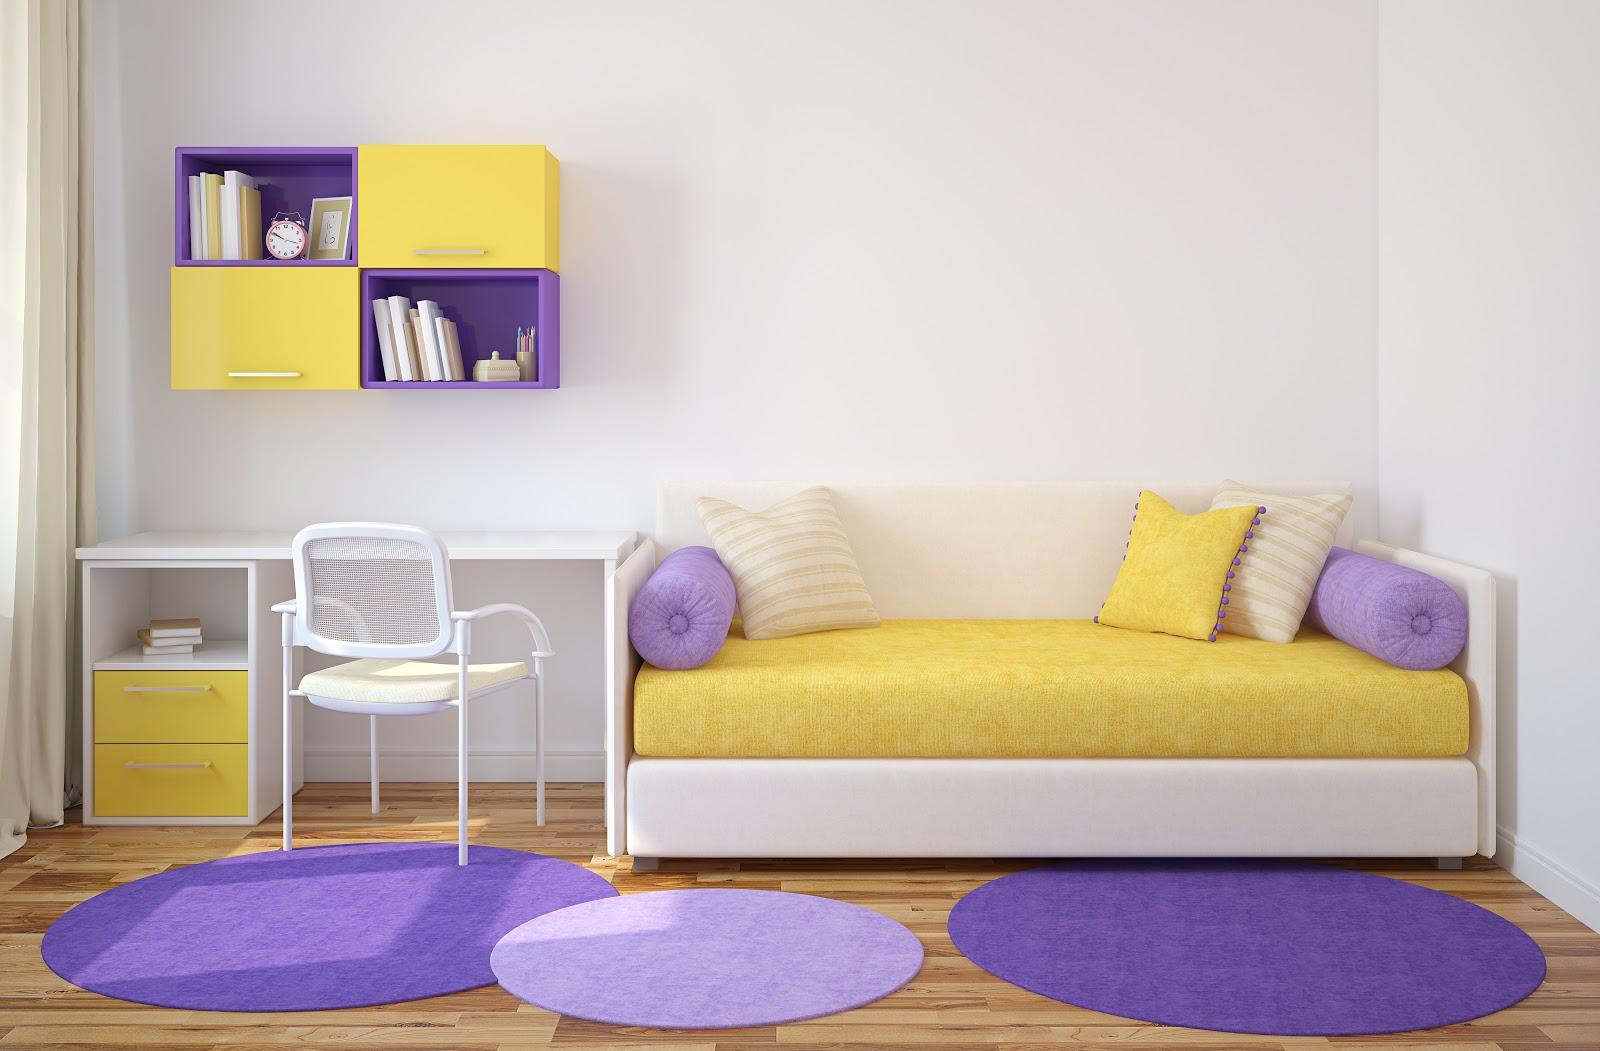 Mobilier living galben - violet